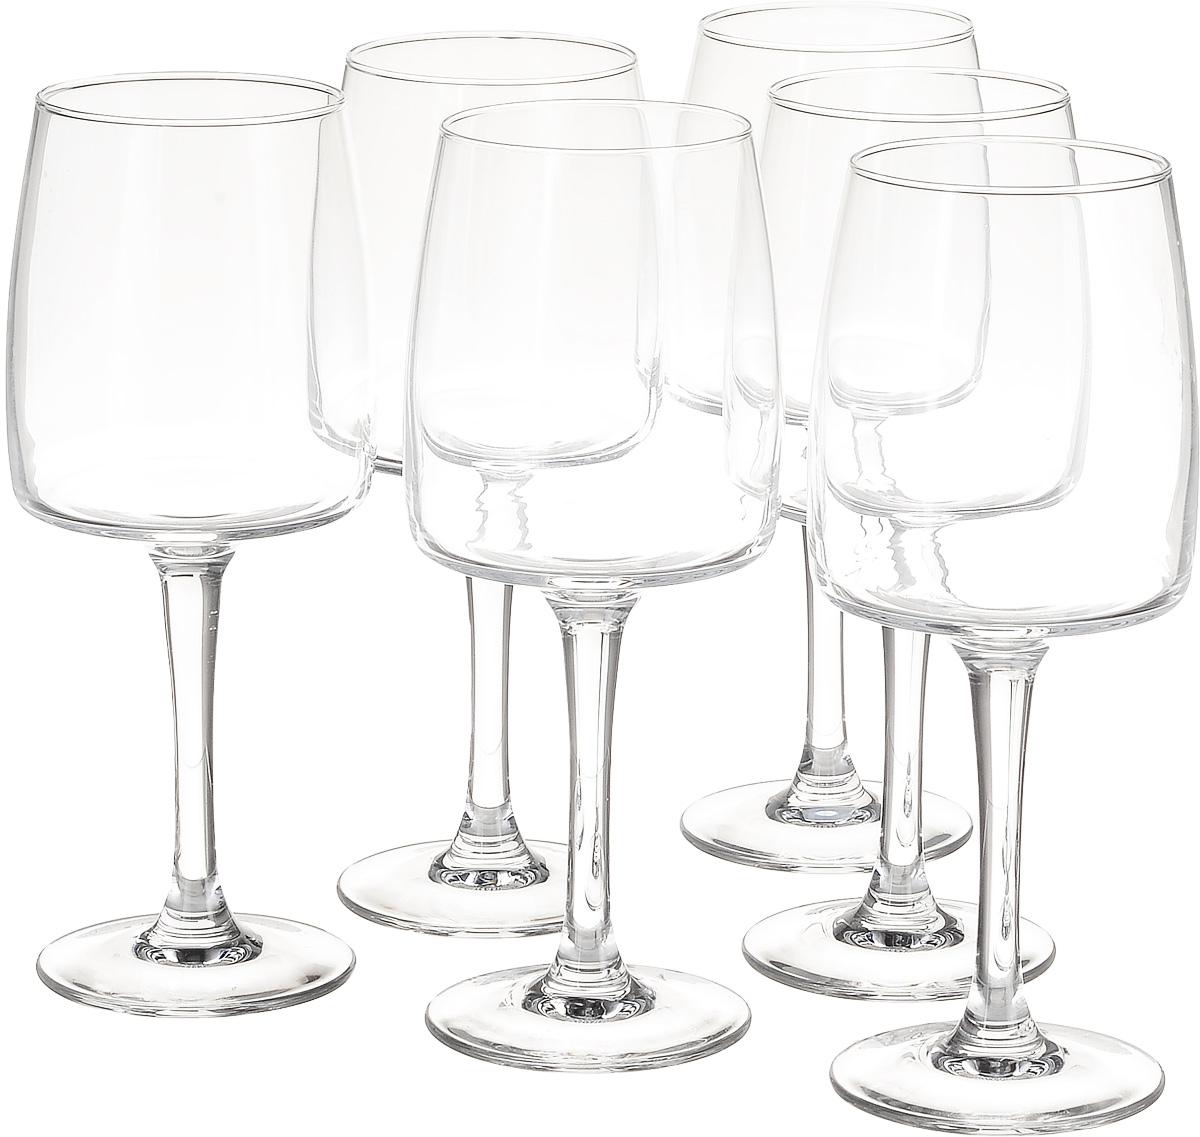 Набор бокалов для вина Luminarc Equip Home, 350 мл, 6 штJ1106Набор Luminarc Equip Home, выполненный из высококачественного стекла, состоит из 6 бокалов. Бокалы предназначены для подачи вина.Допускается мытье в посудомоечной машине. Стекло выдерживает резкий перепад температур до 135°С.Диаметр бокала (по верхнему краю): 6,3 см. Высота бокала: 20 см.